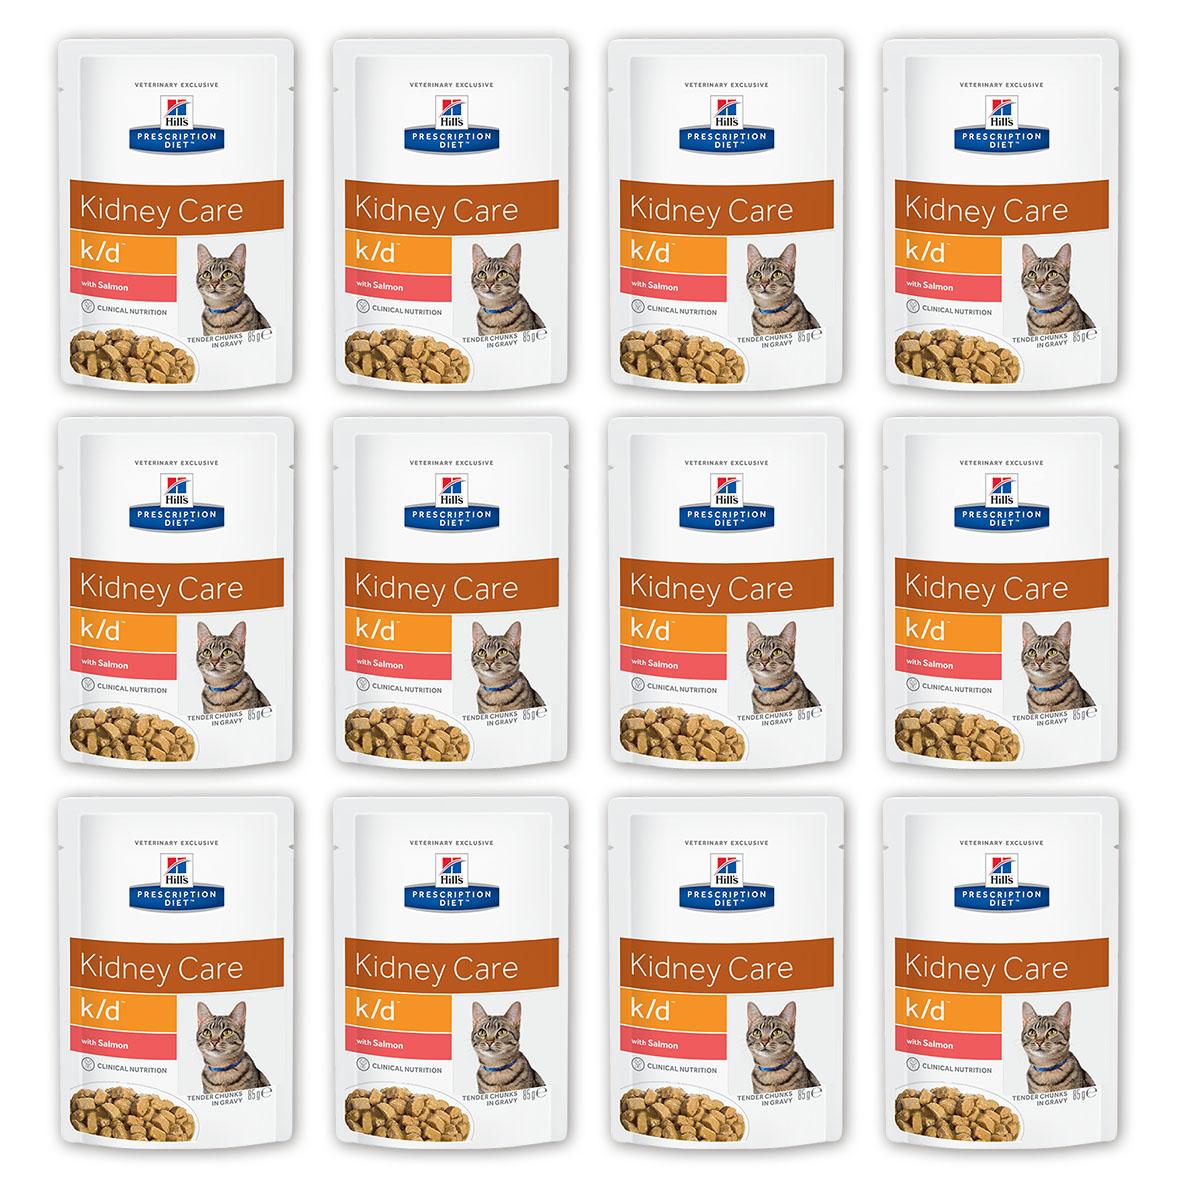 Консервы для кошек Hill's Prescription Diet. K/D, при заболевании почек и урологическом синдроме, с лососем, 85 г, 12 шт консервы для кошек hill s k d диетические для лечения заболеваний почек с курицей 156 г х 12 шт